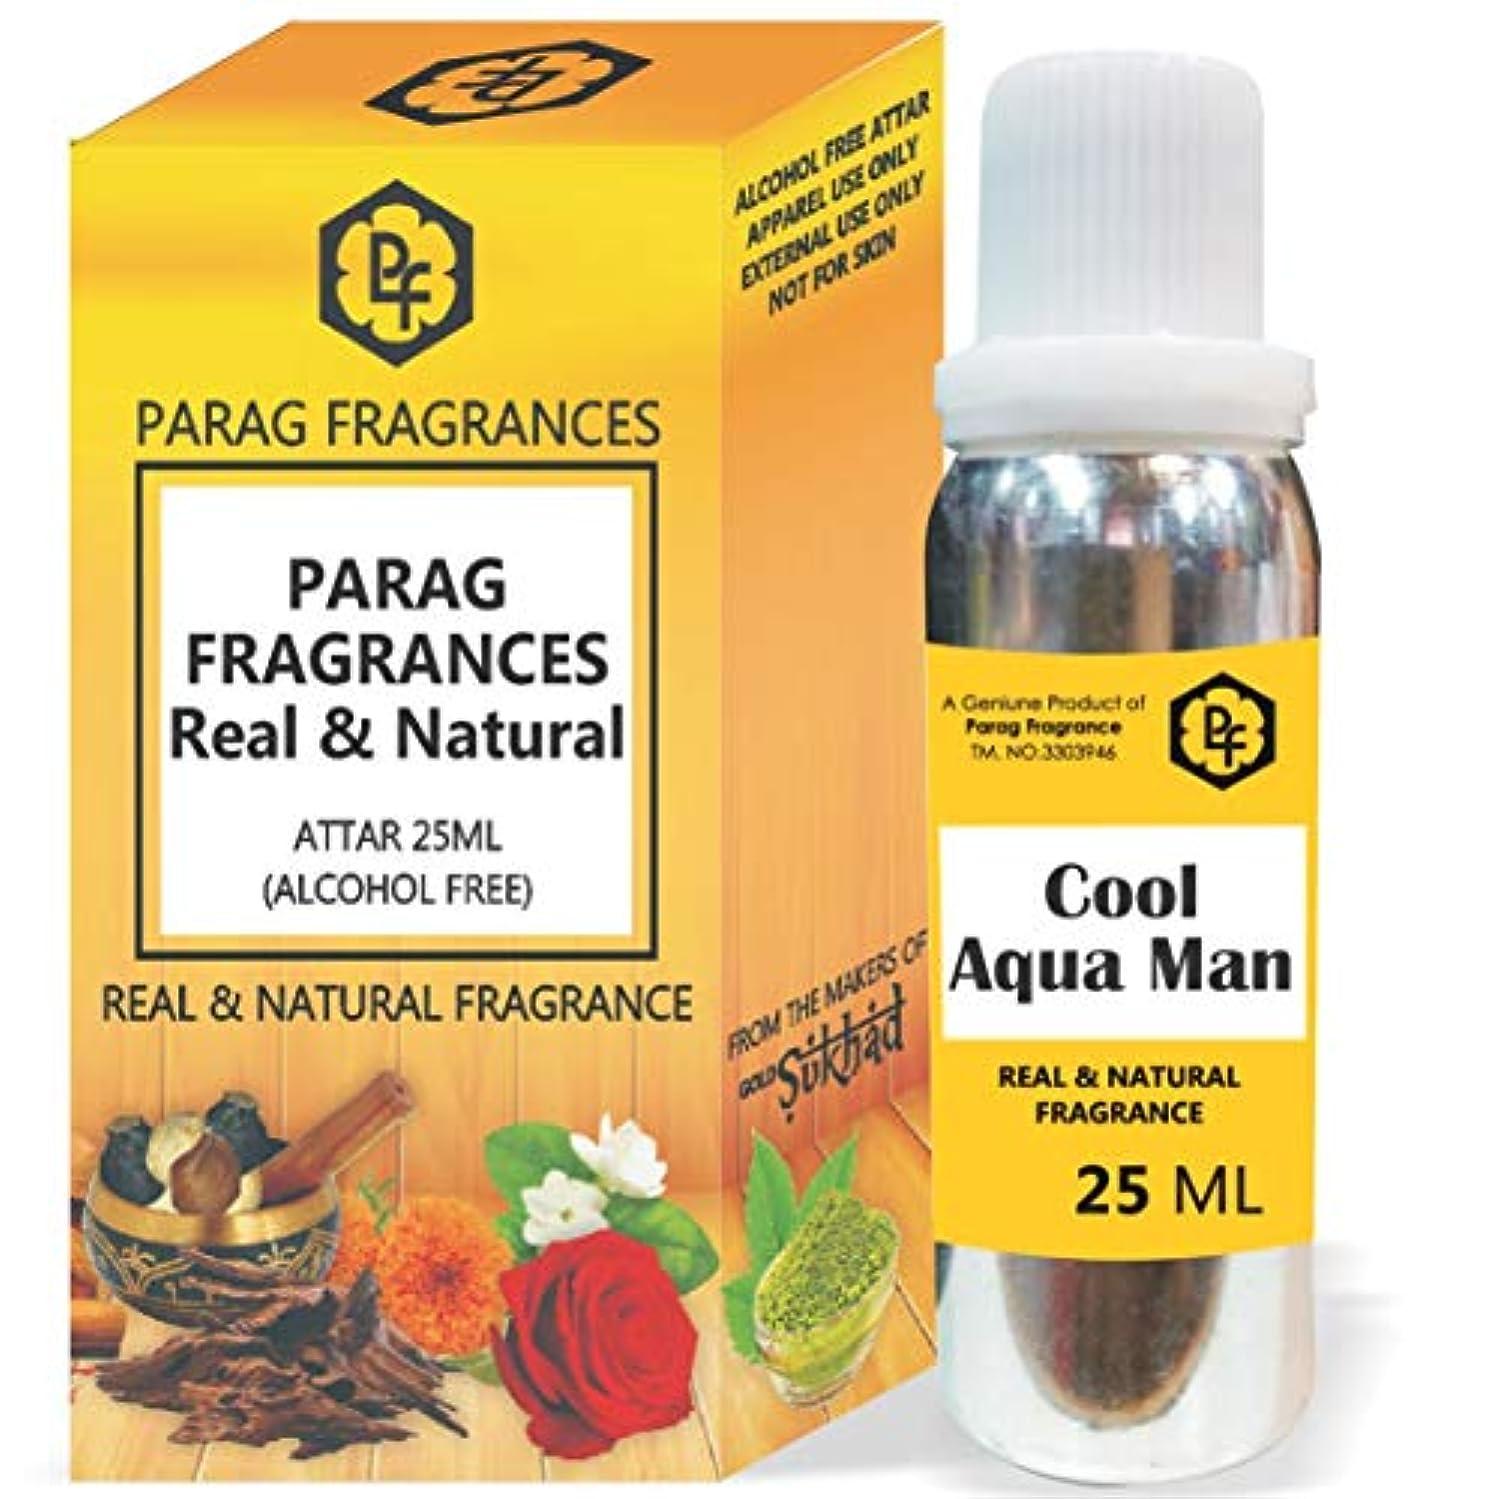 スラムアリサスペンションParagフレグランスは50/100/200/500パックでもご覧になれファンシー空き瓶(アルコールフリー、ロングラスティング、自然アター)でアクアマンアタークール25ML